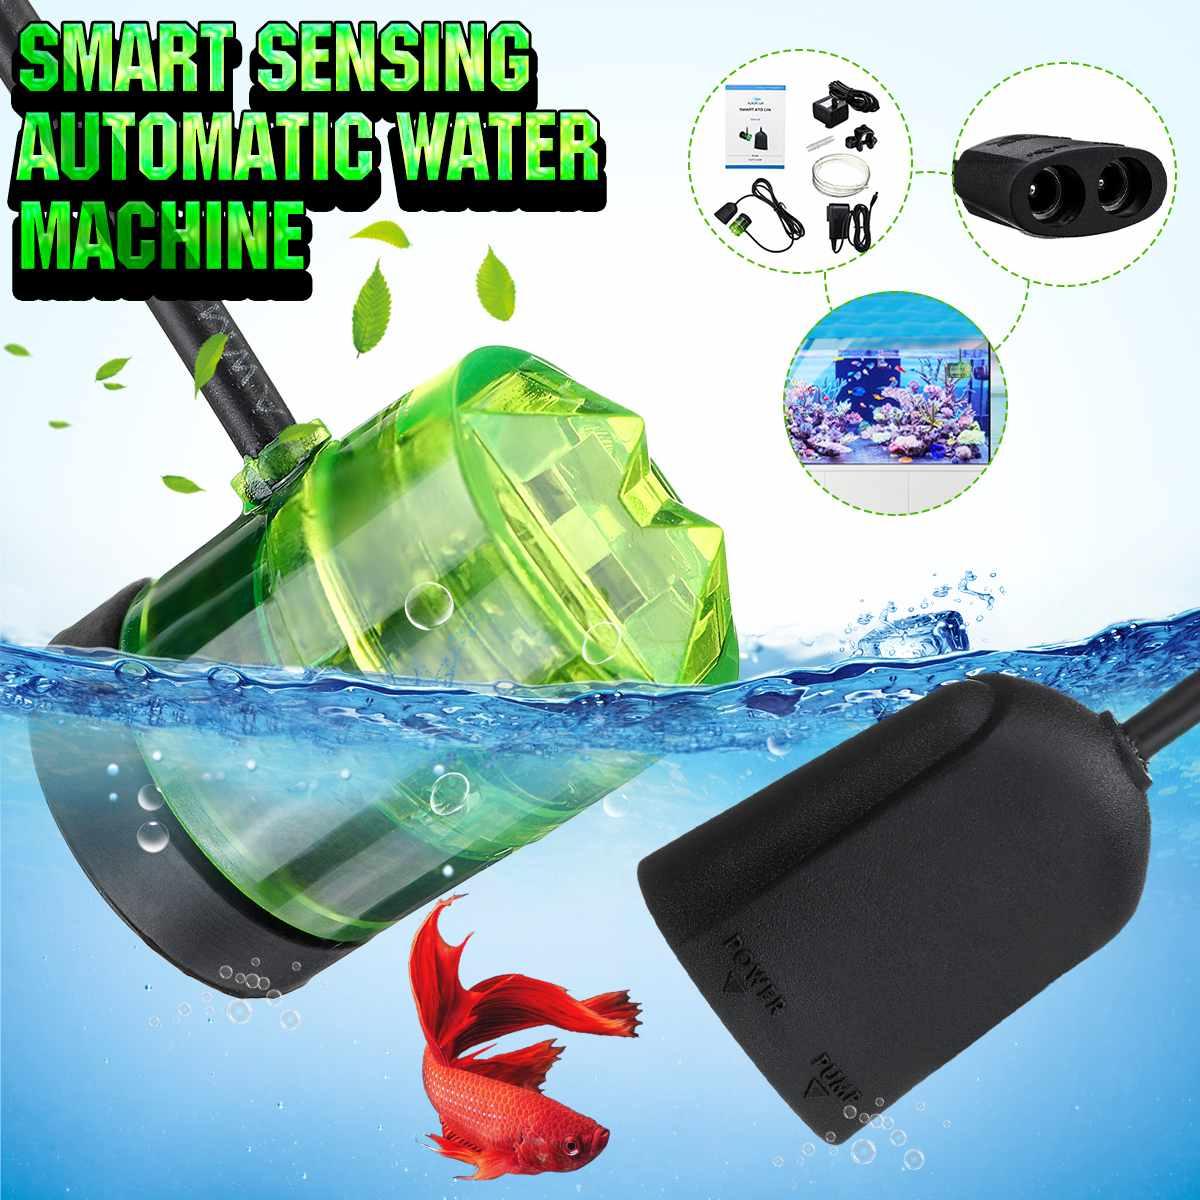 ZEAST Micro intelligent distributeur d'eau électrique contrôleur pompe capteur de flotteur optique commutateur Aquarium automatique pompe réservoir double capteur